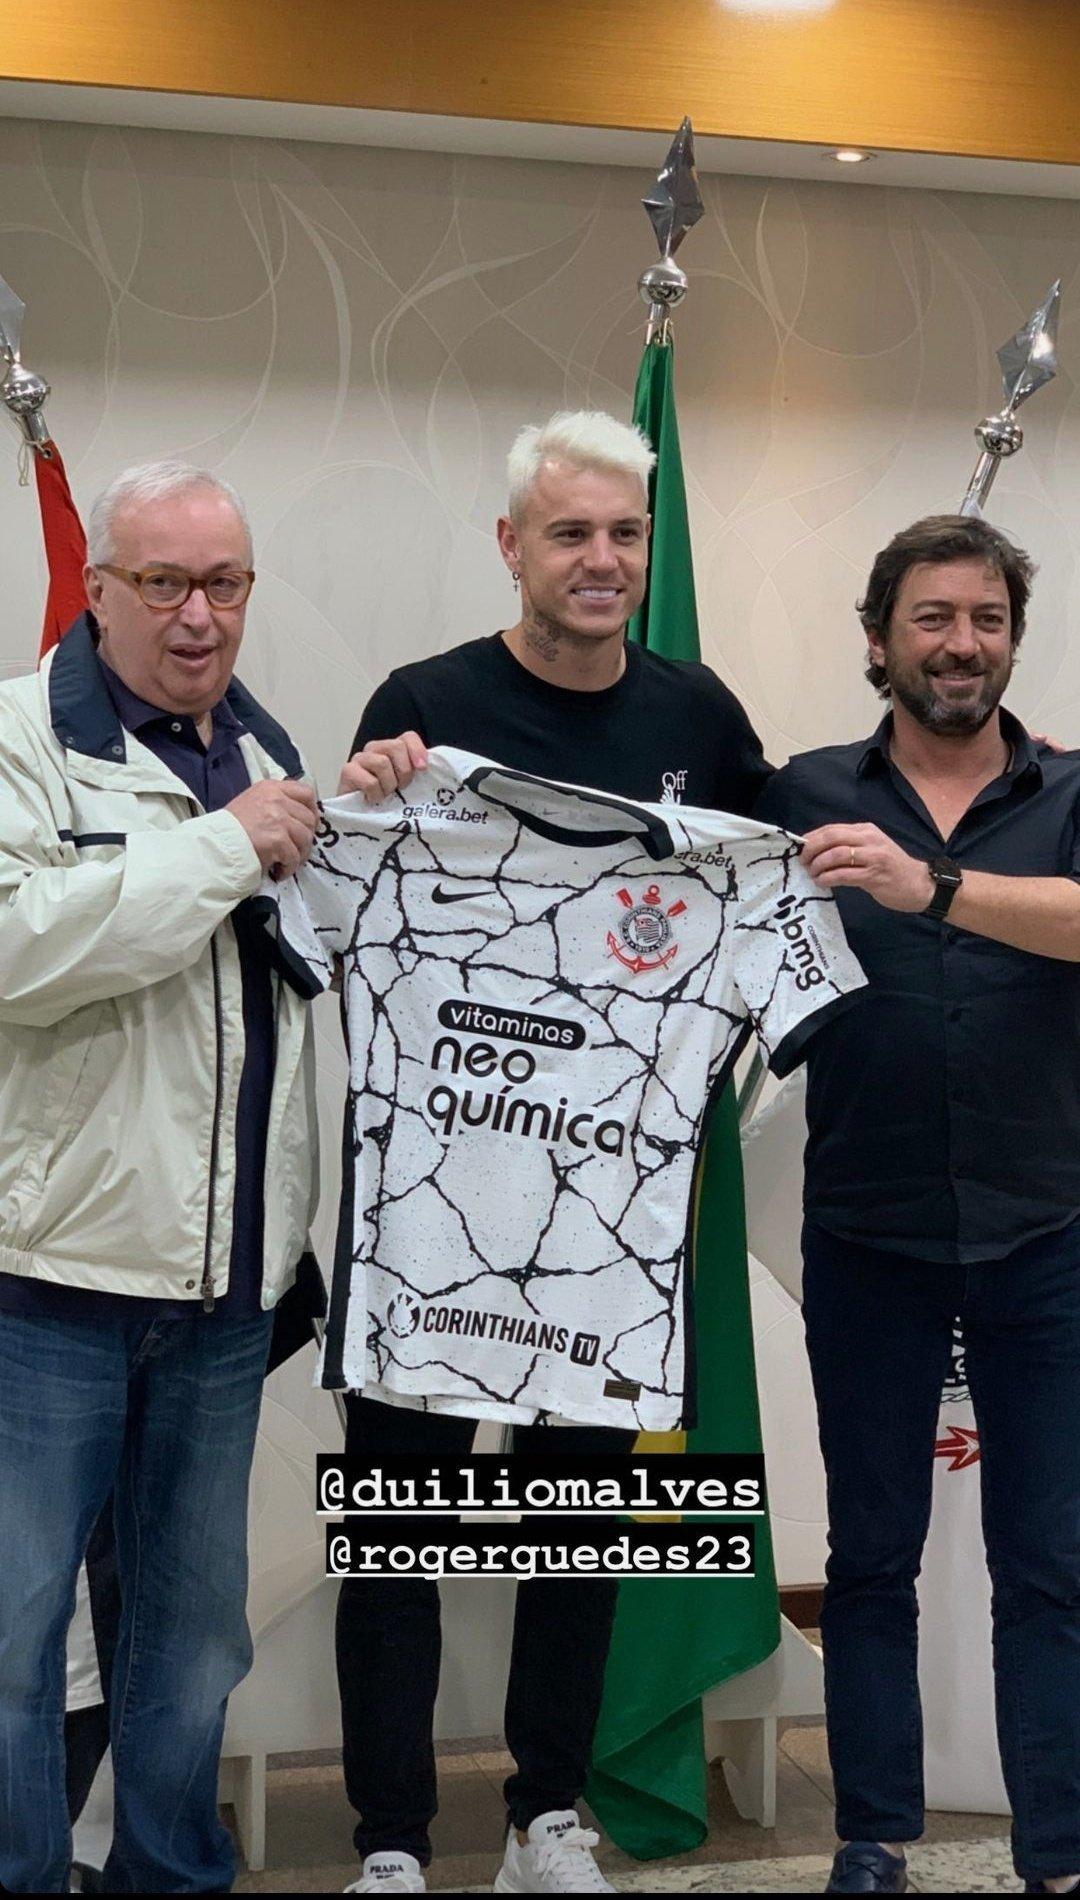 O orgulho de Roberto de Andrade e Duilio. Sabem que Roger Guedes, 24 anos, está no auge